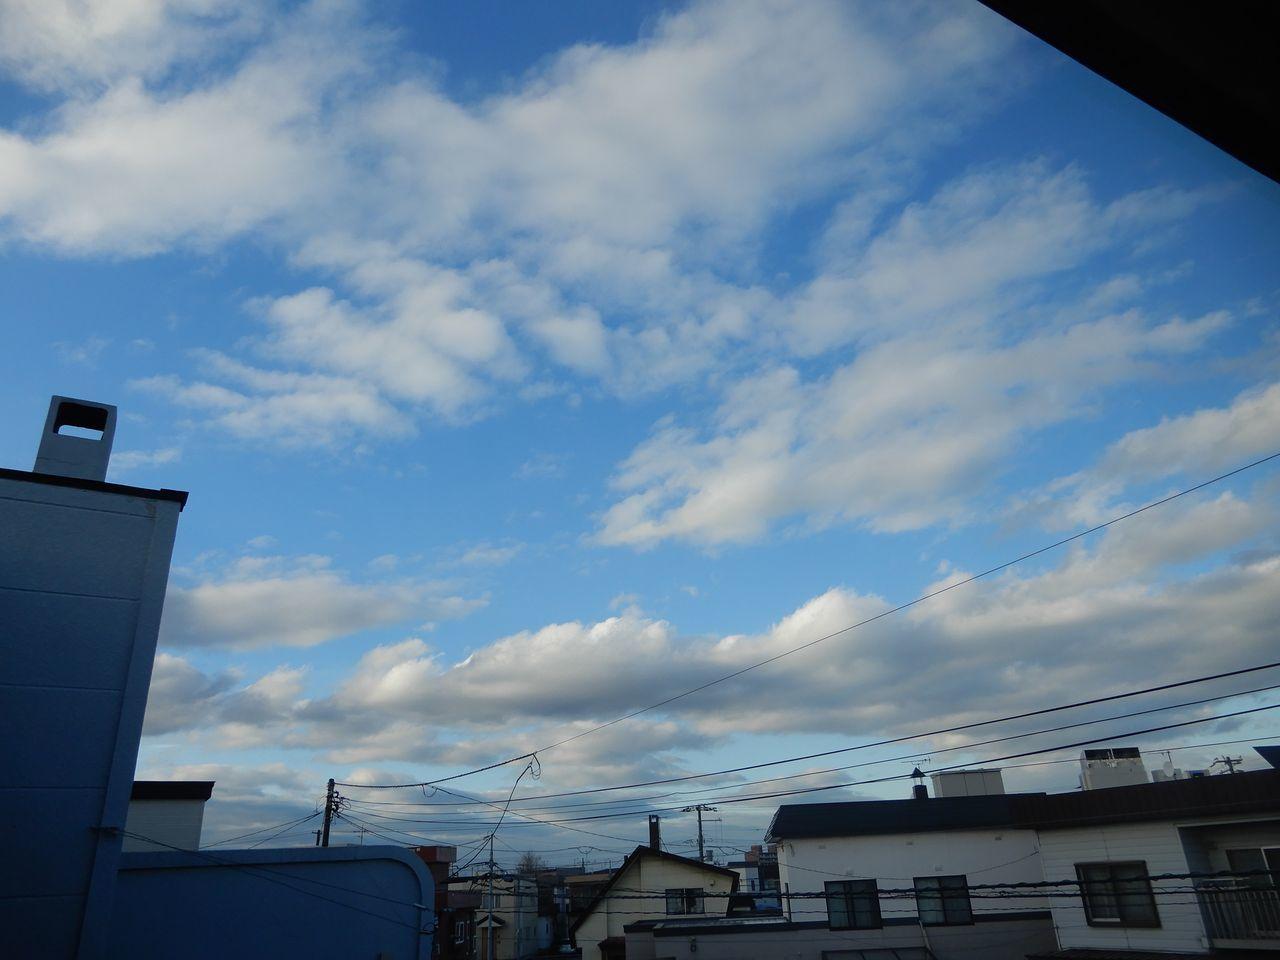 最高気温7.9℃は暖かい_c0025115_22293748.jpg